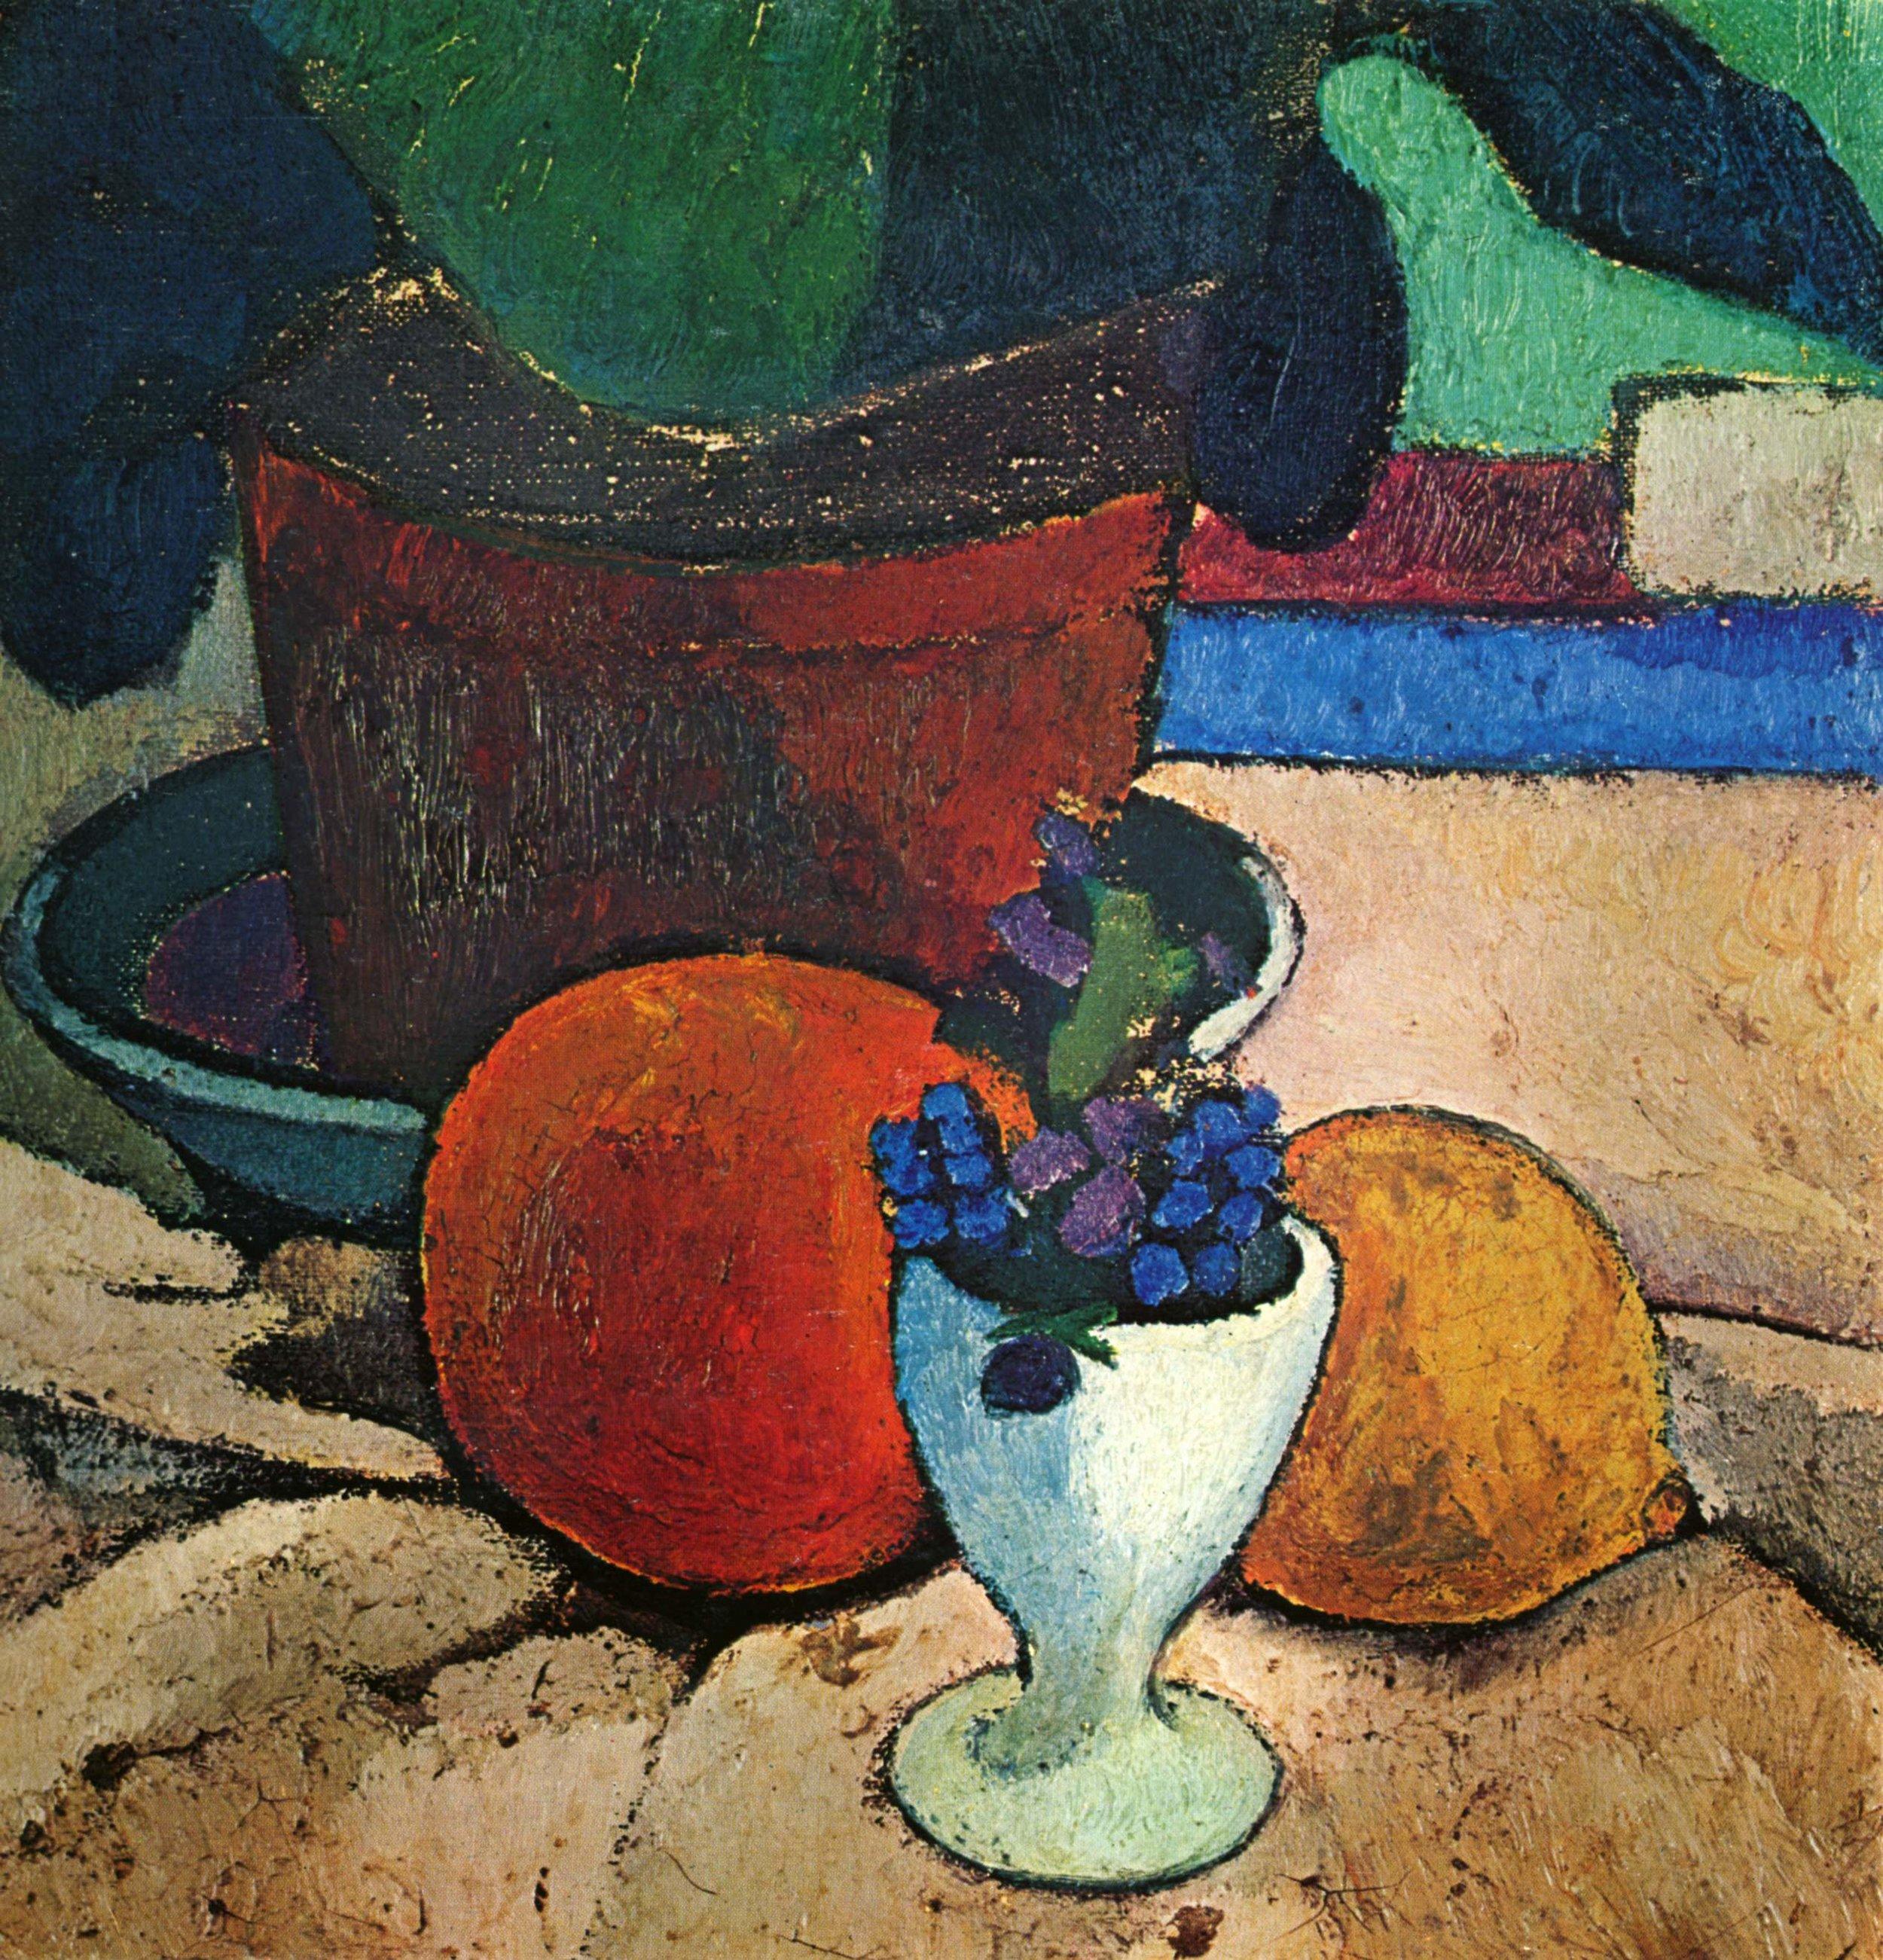 Stillleben mit Blattpflanze, Zitrone und Apfelsine , 1906,Paula Modersohn-Becker.- Aus: The Yorck Project: 10.000 Meisterwerke der Malerei.